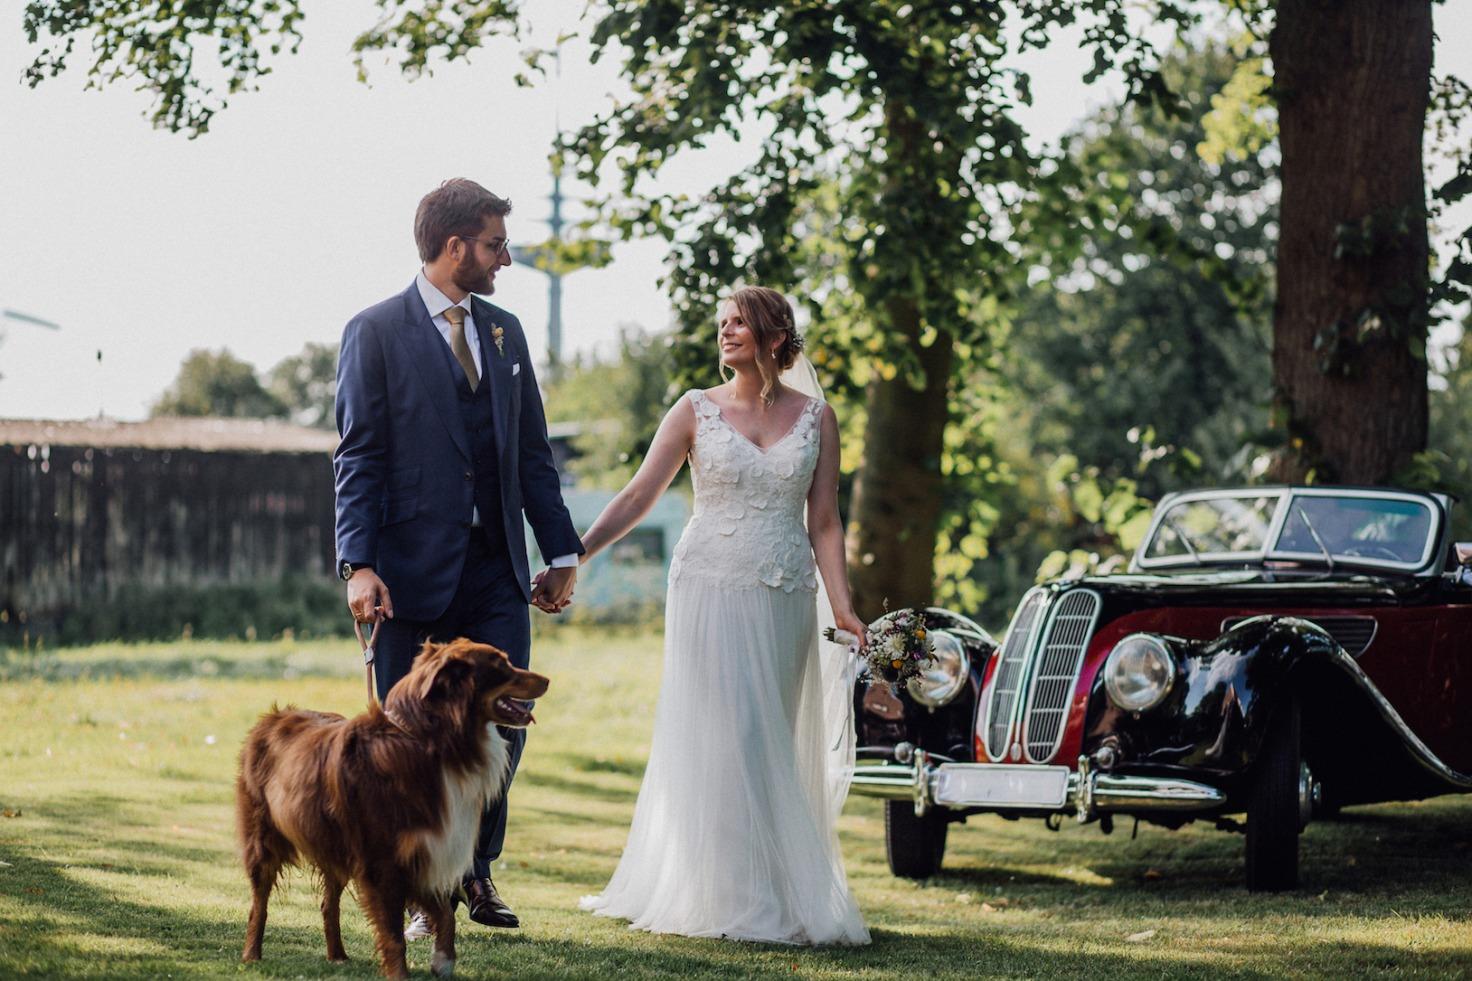 Hochzeit von Laura und Marco in Münster: Brautpaar geht mit Hund spazieren